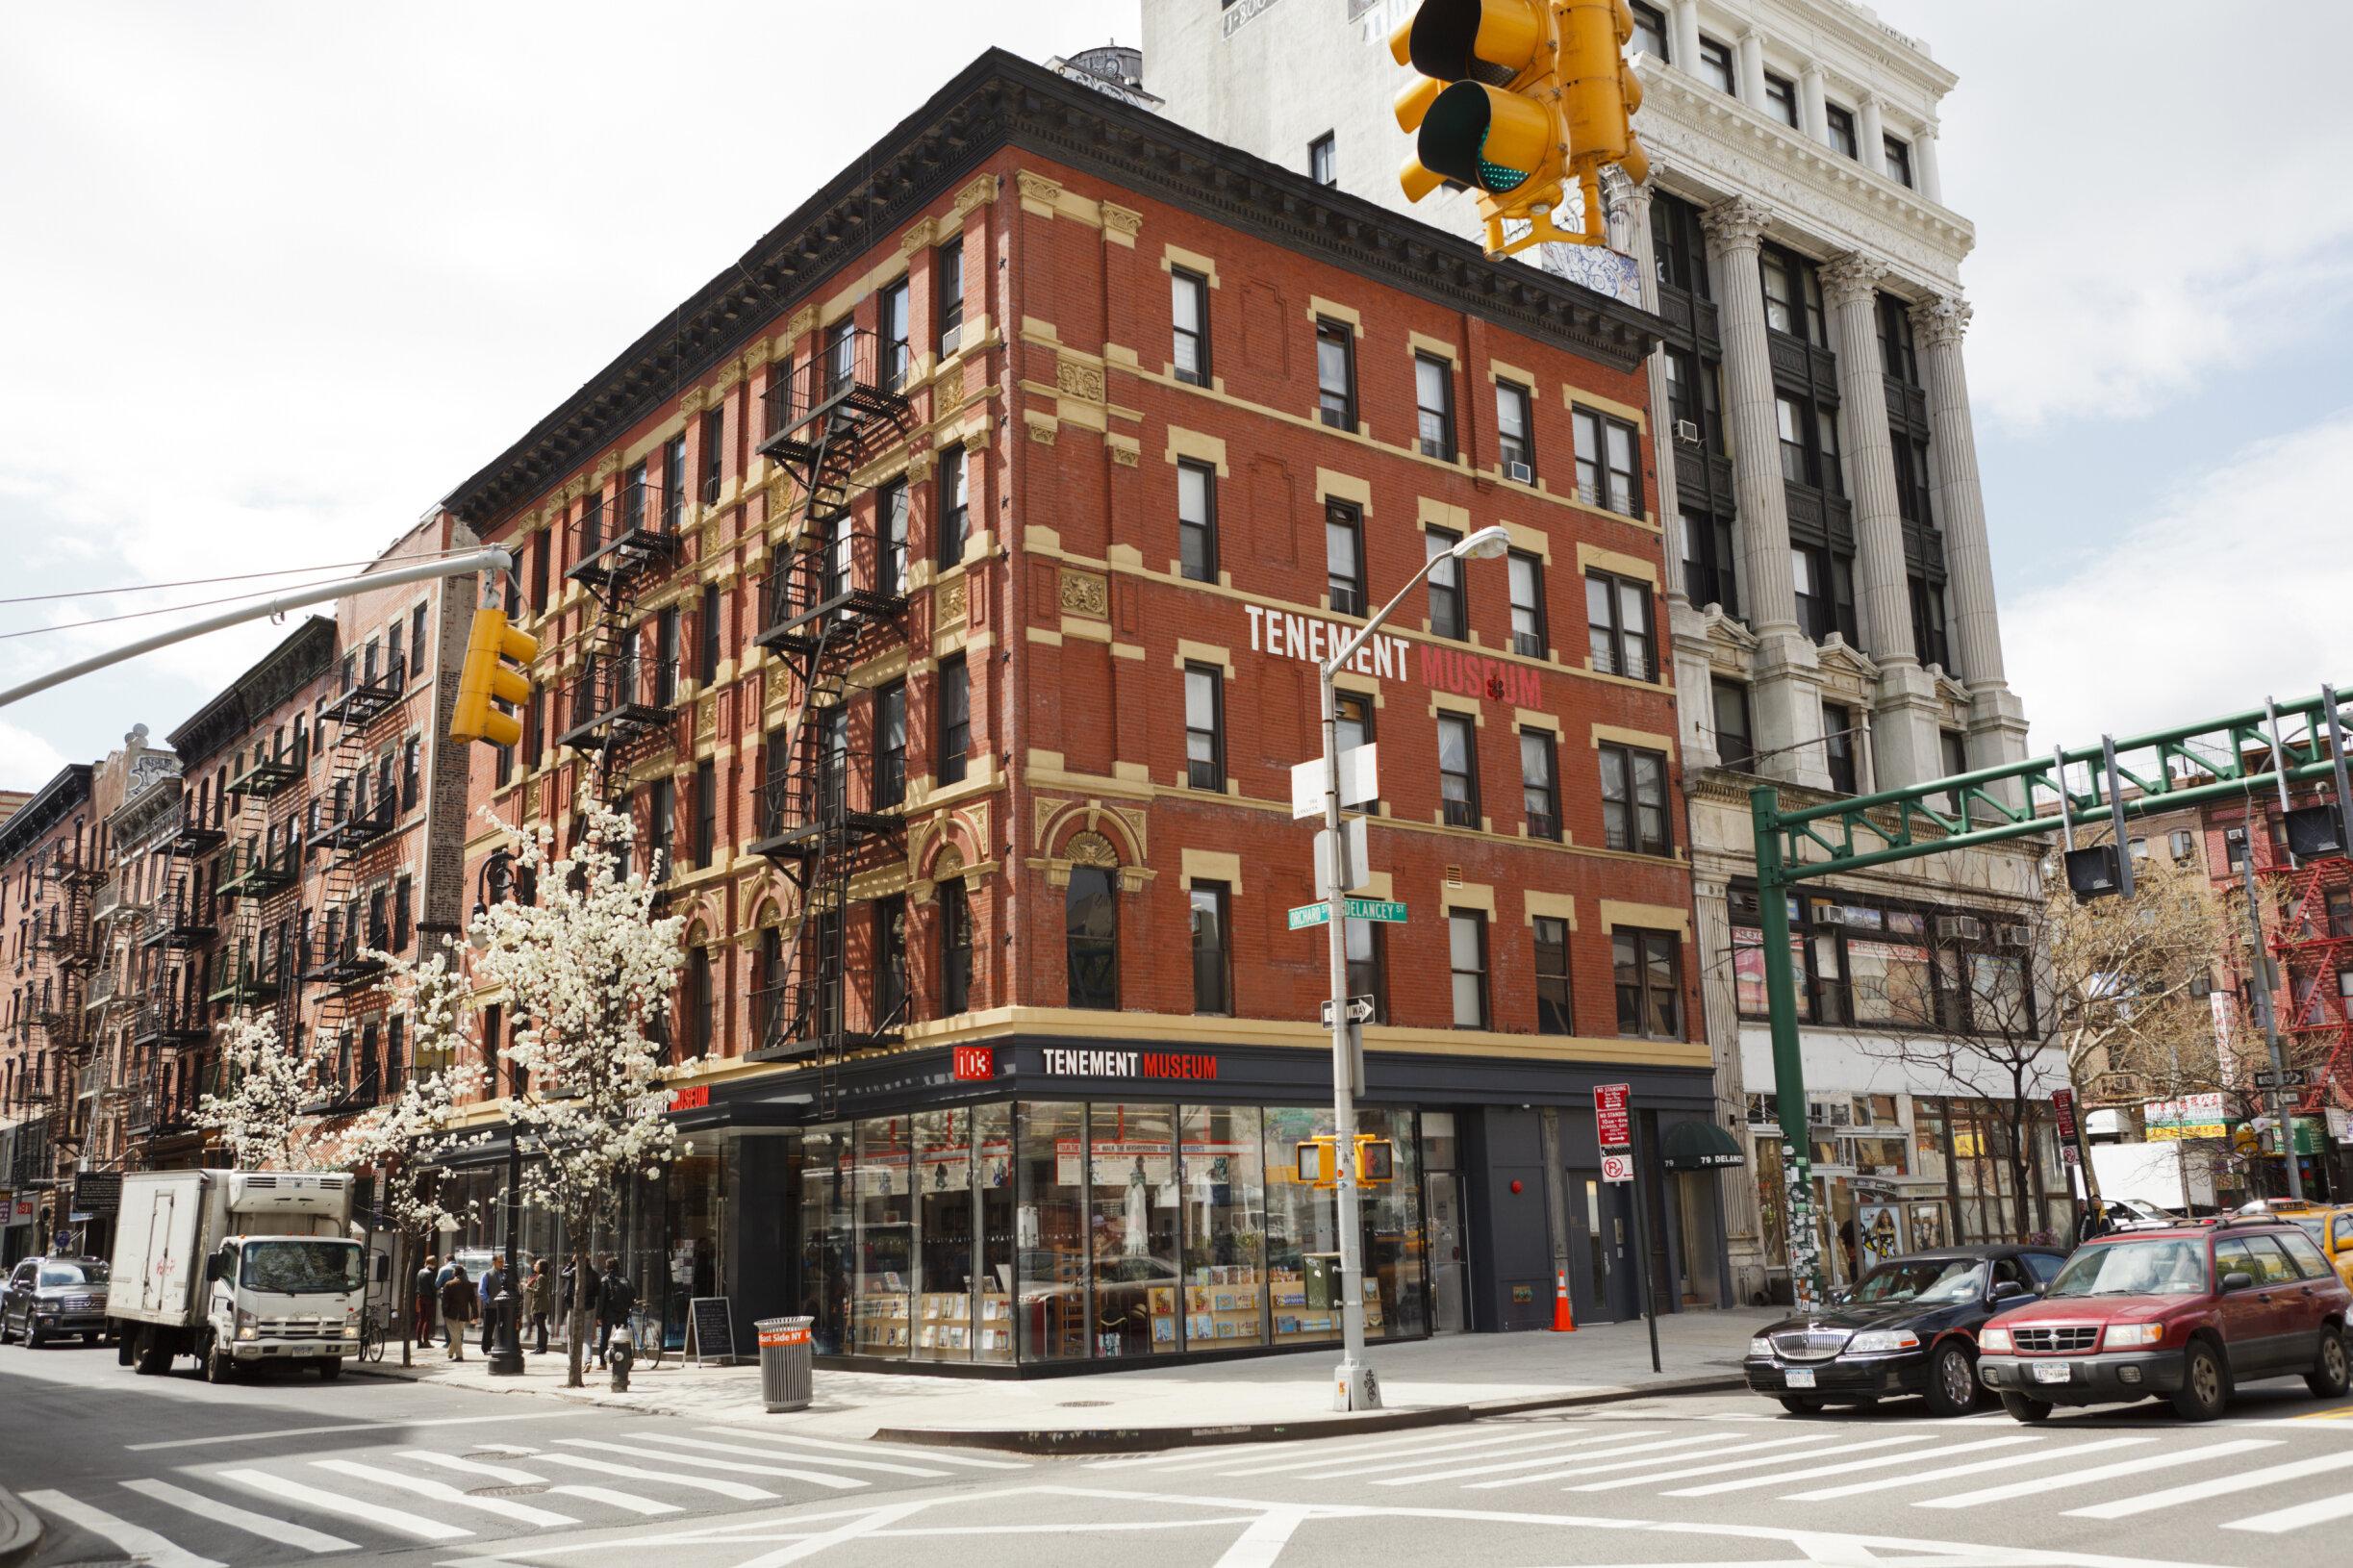 位于下东区103 Orchard Street的Tenement Museum (房屋博物馆),对下东区移民历史感兴趣的朋友一定要看一看。